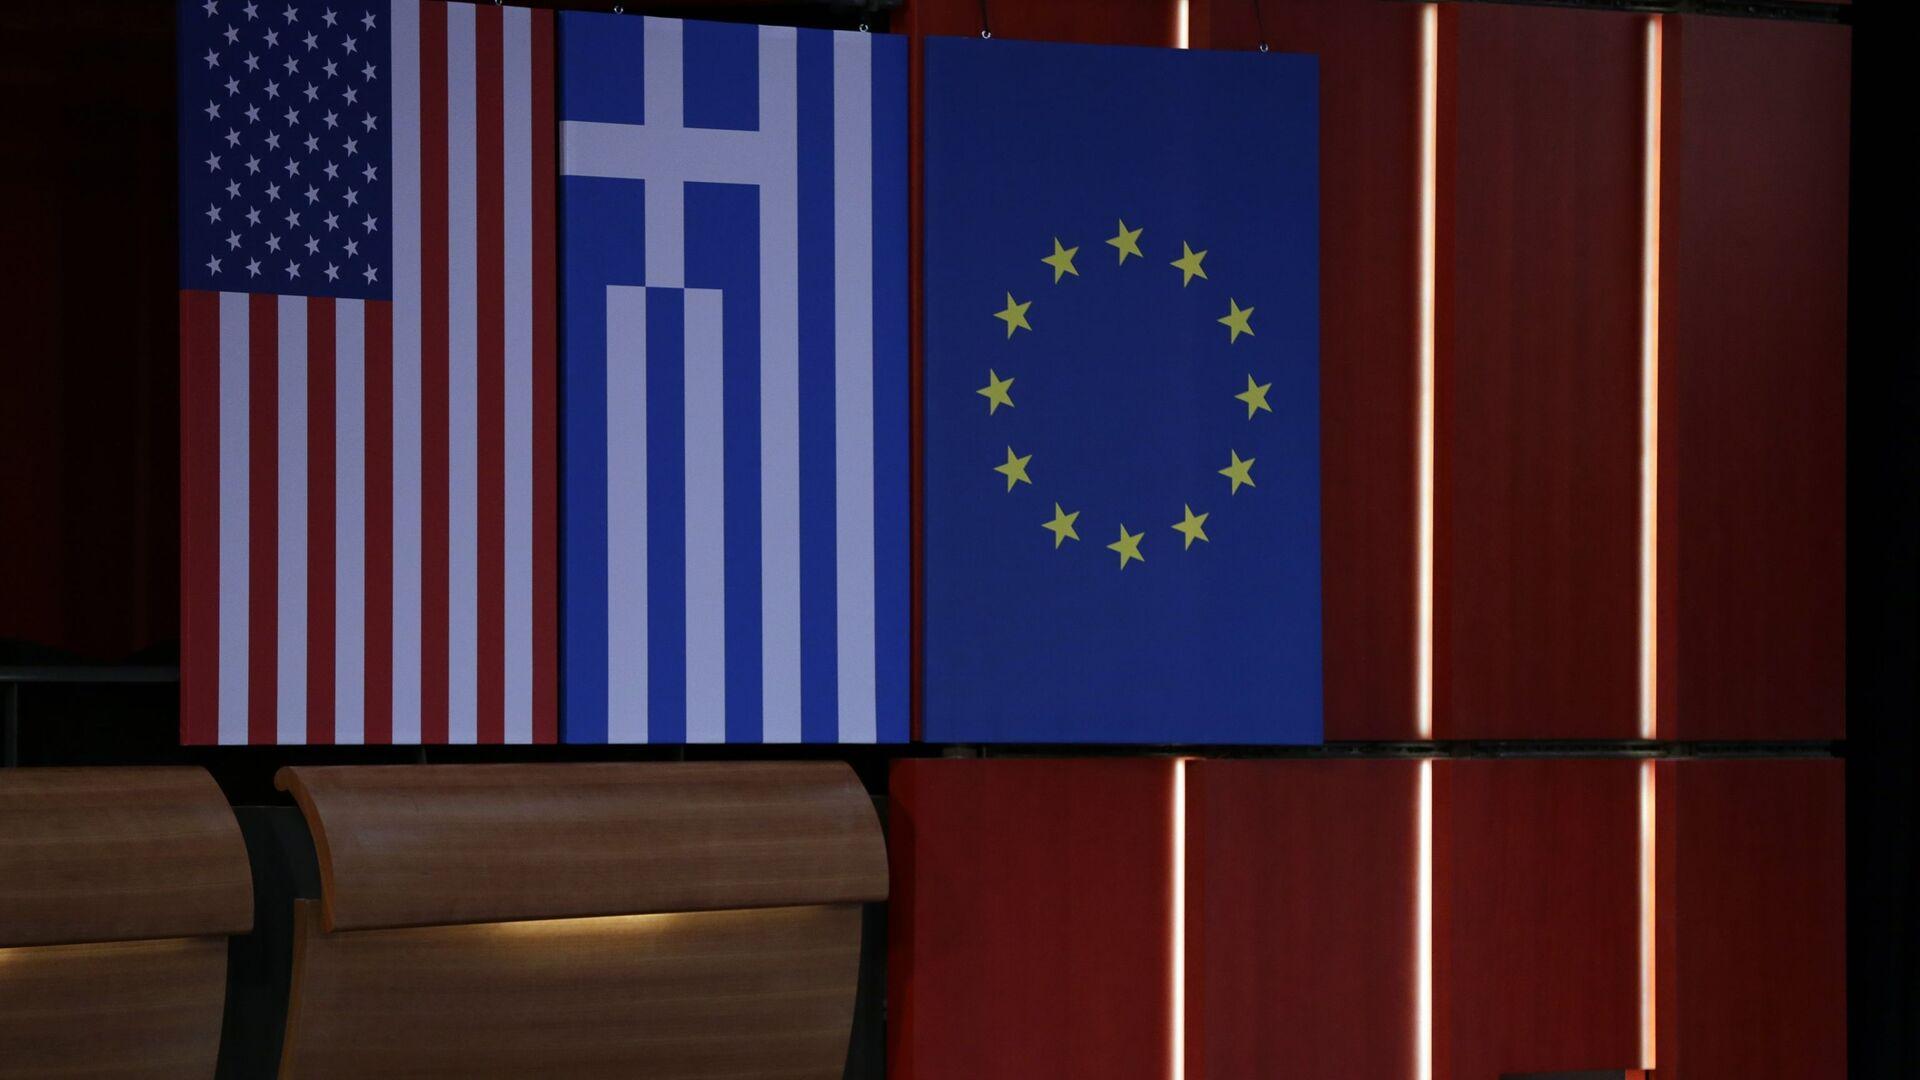 Σημαία ΗΠΑ ΕΕ Ελλάδα - Sputnik Ελλάδα, 1920, 18.09.2021